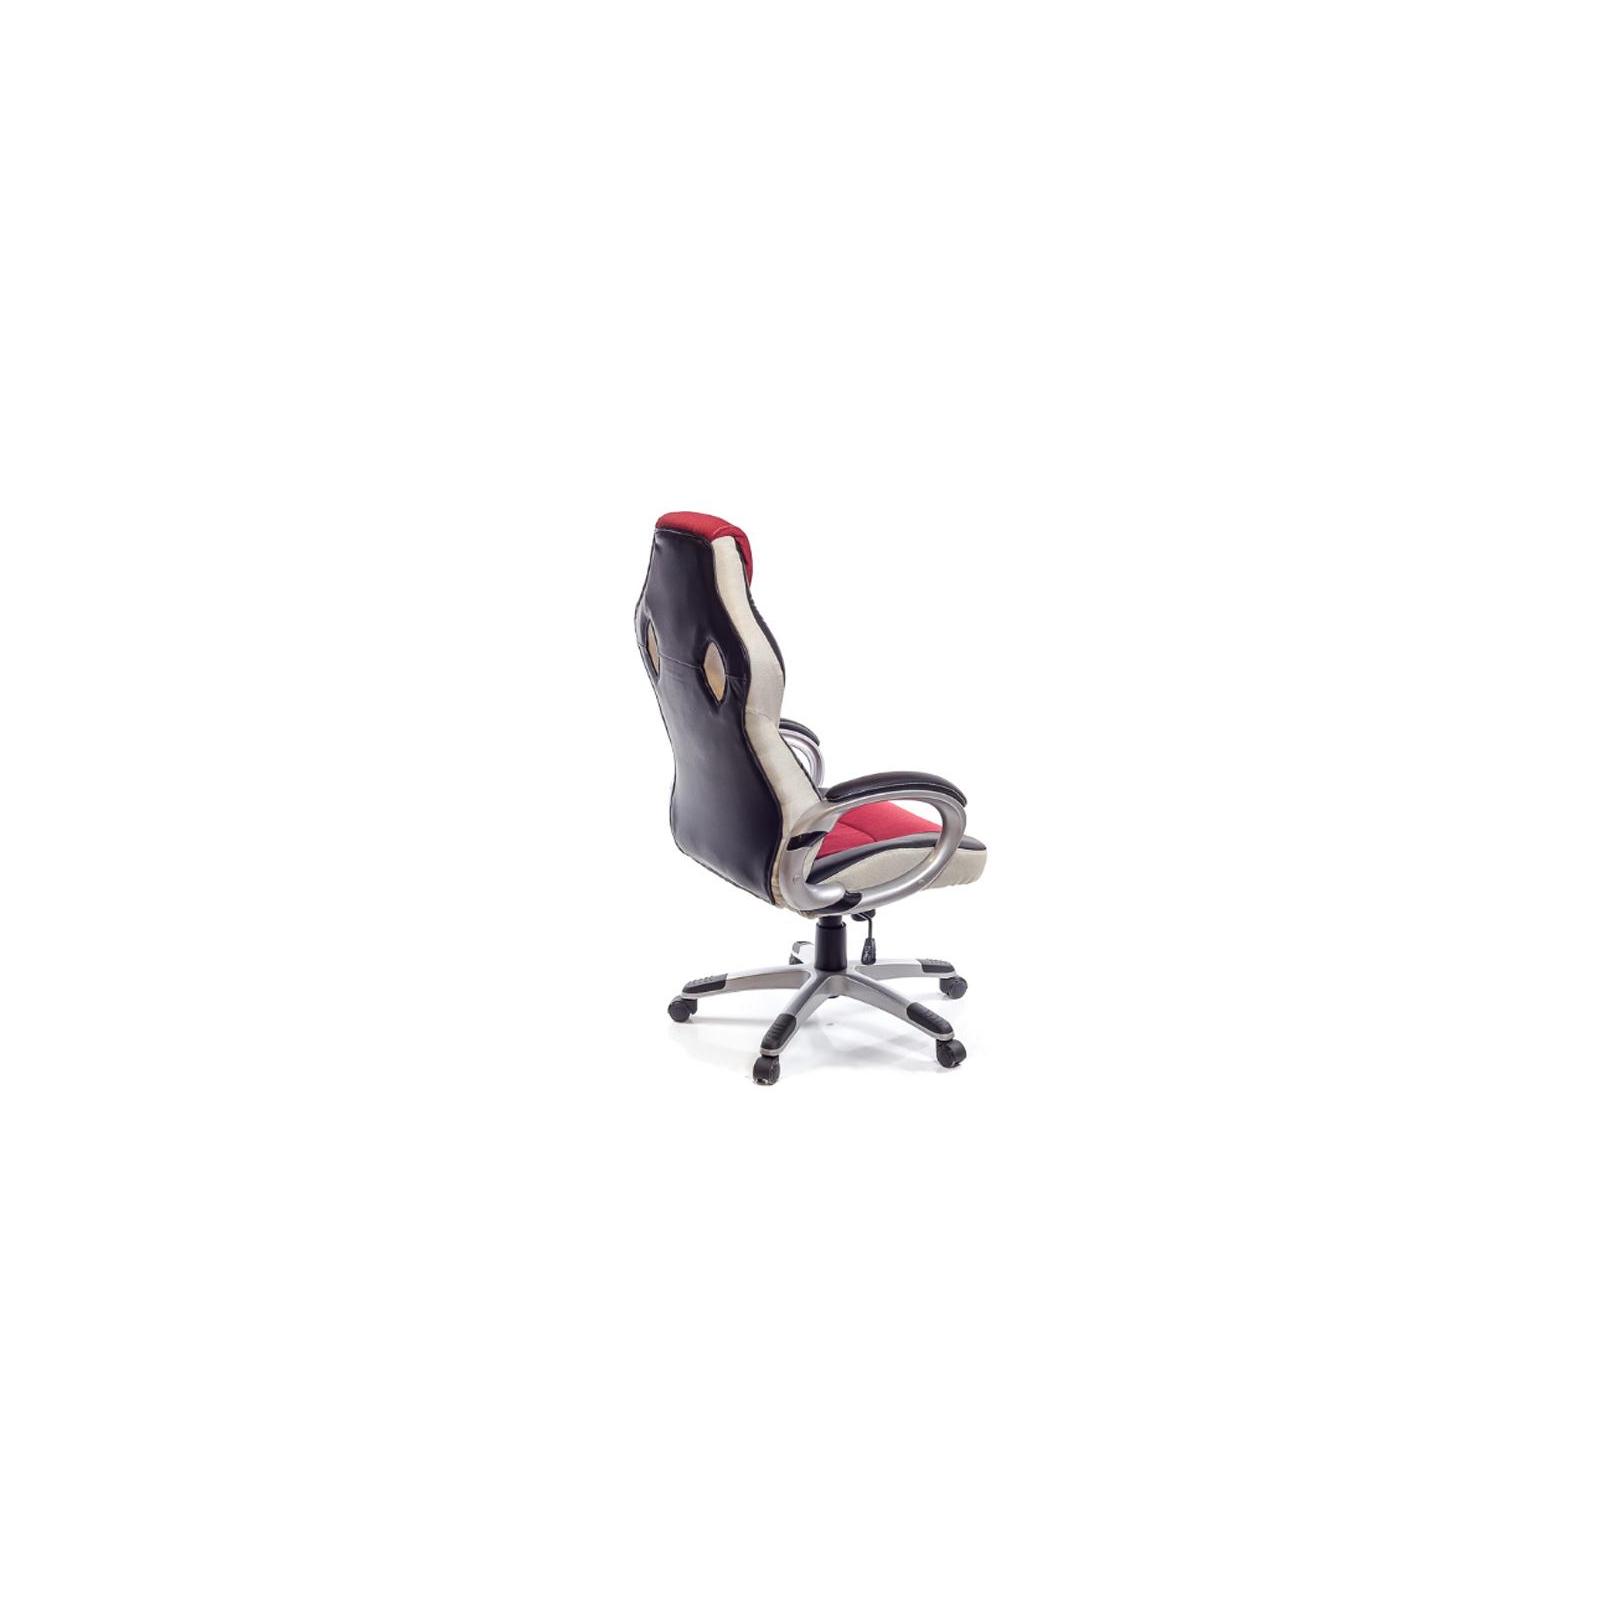 Кресло игровое АКЛАС Антарес PL TILT Красное (07255) изображение 5